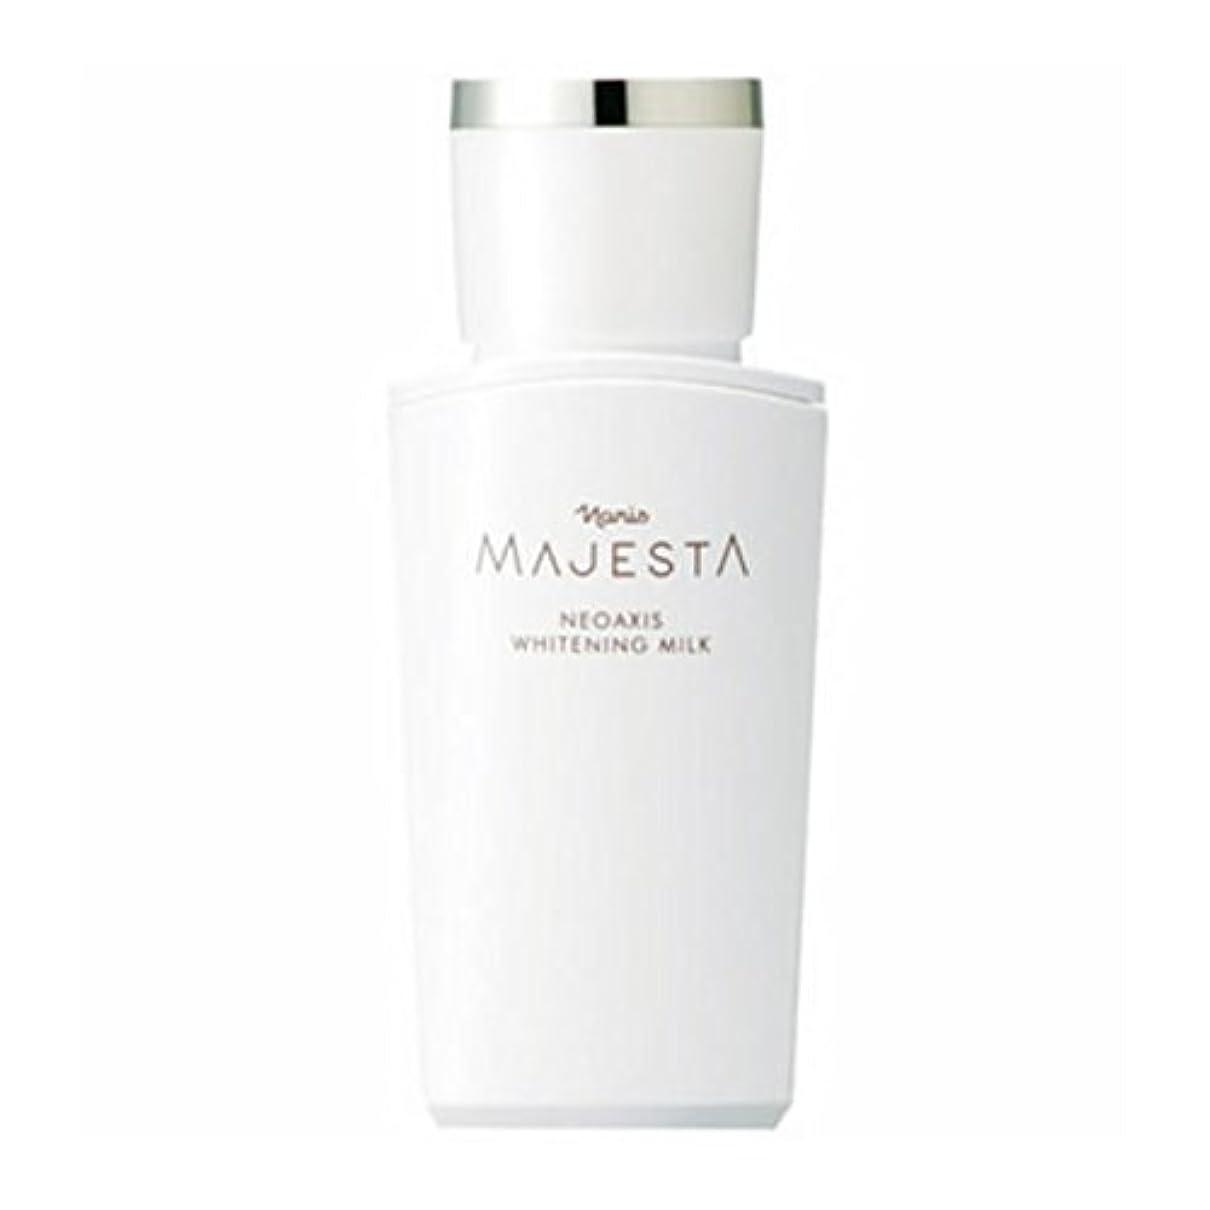 レンジ市町村きつくナリス化粧品 マジェスタ ネオアクシス ホワイトニング ミルク (薬用 美白乳液) 80ml